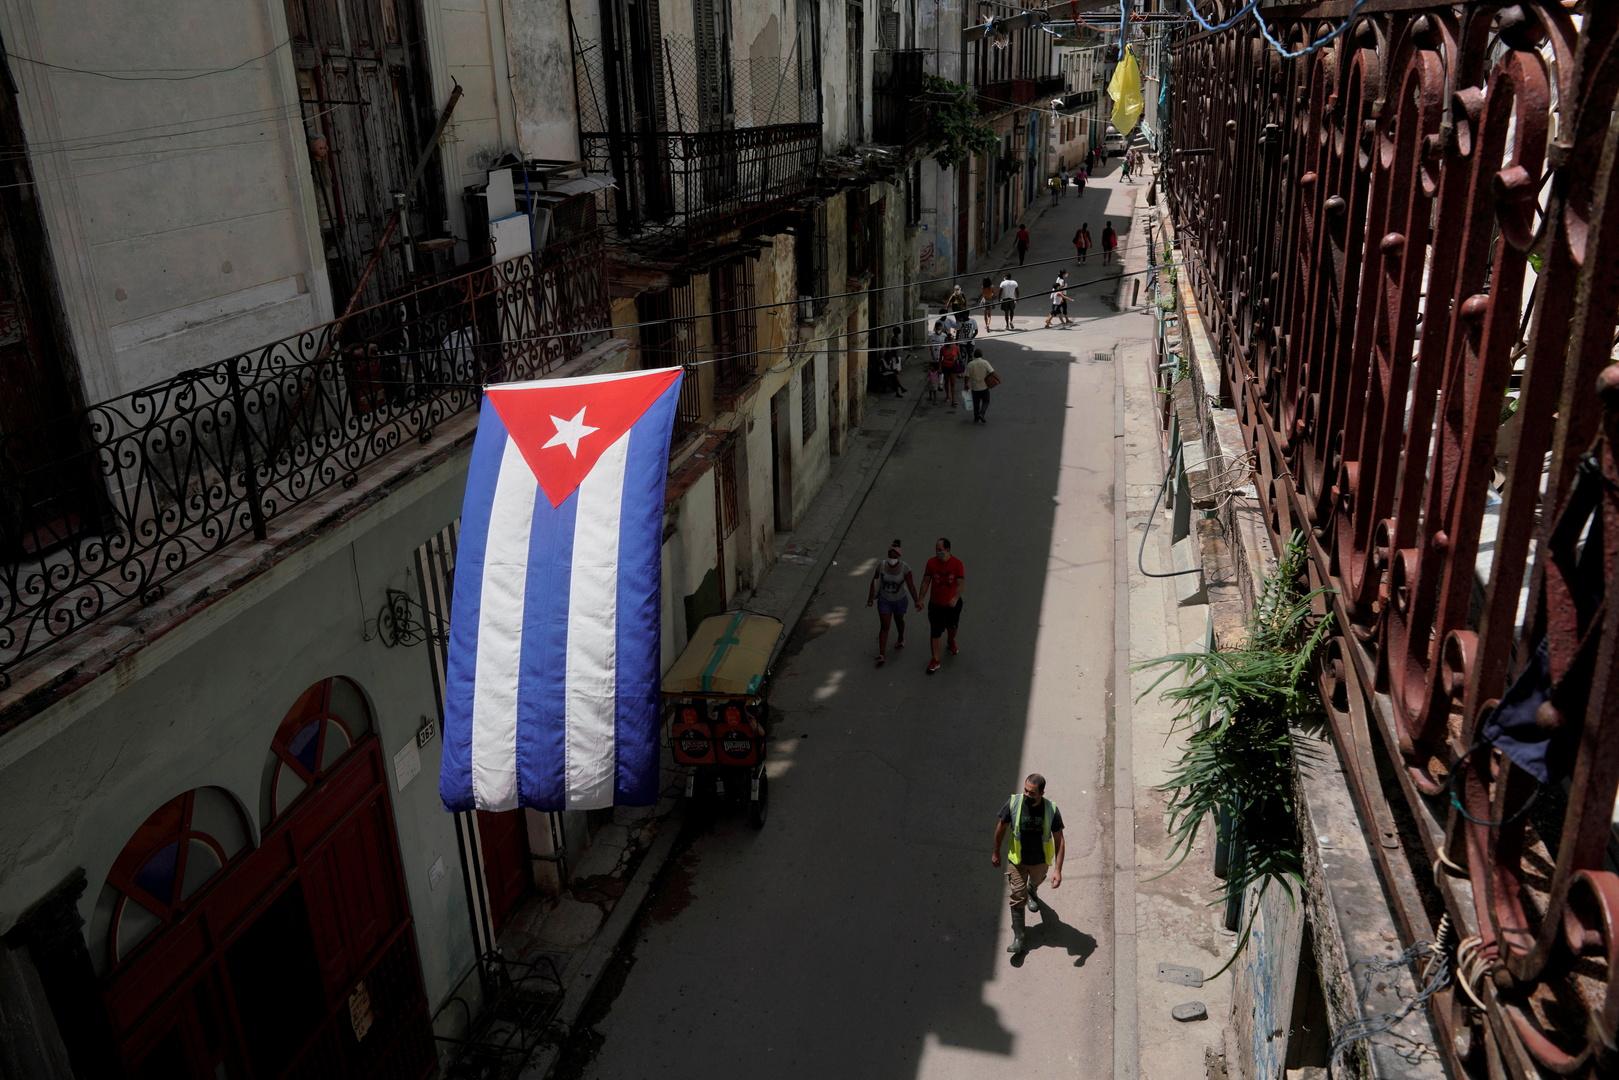 كوبا تعلن عن هجمات سيبرانية استهدفت موقع خارجيتها